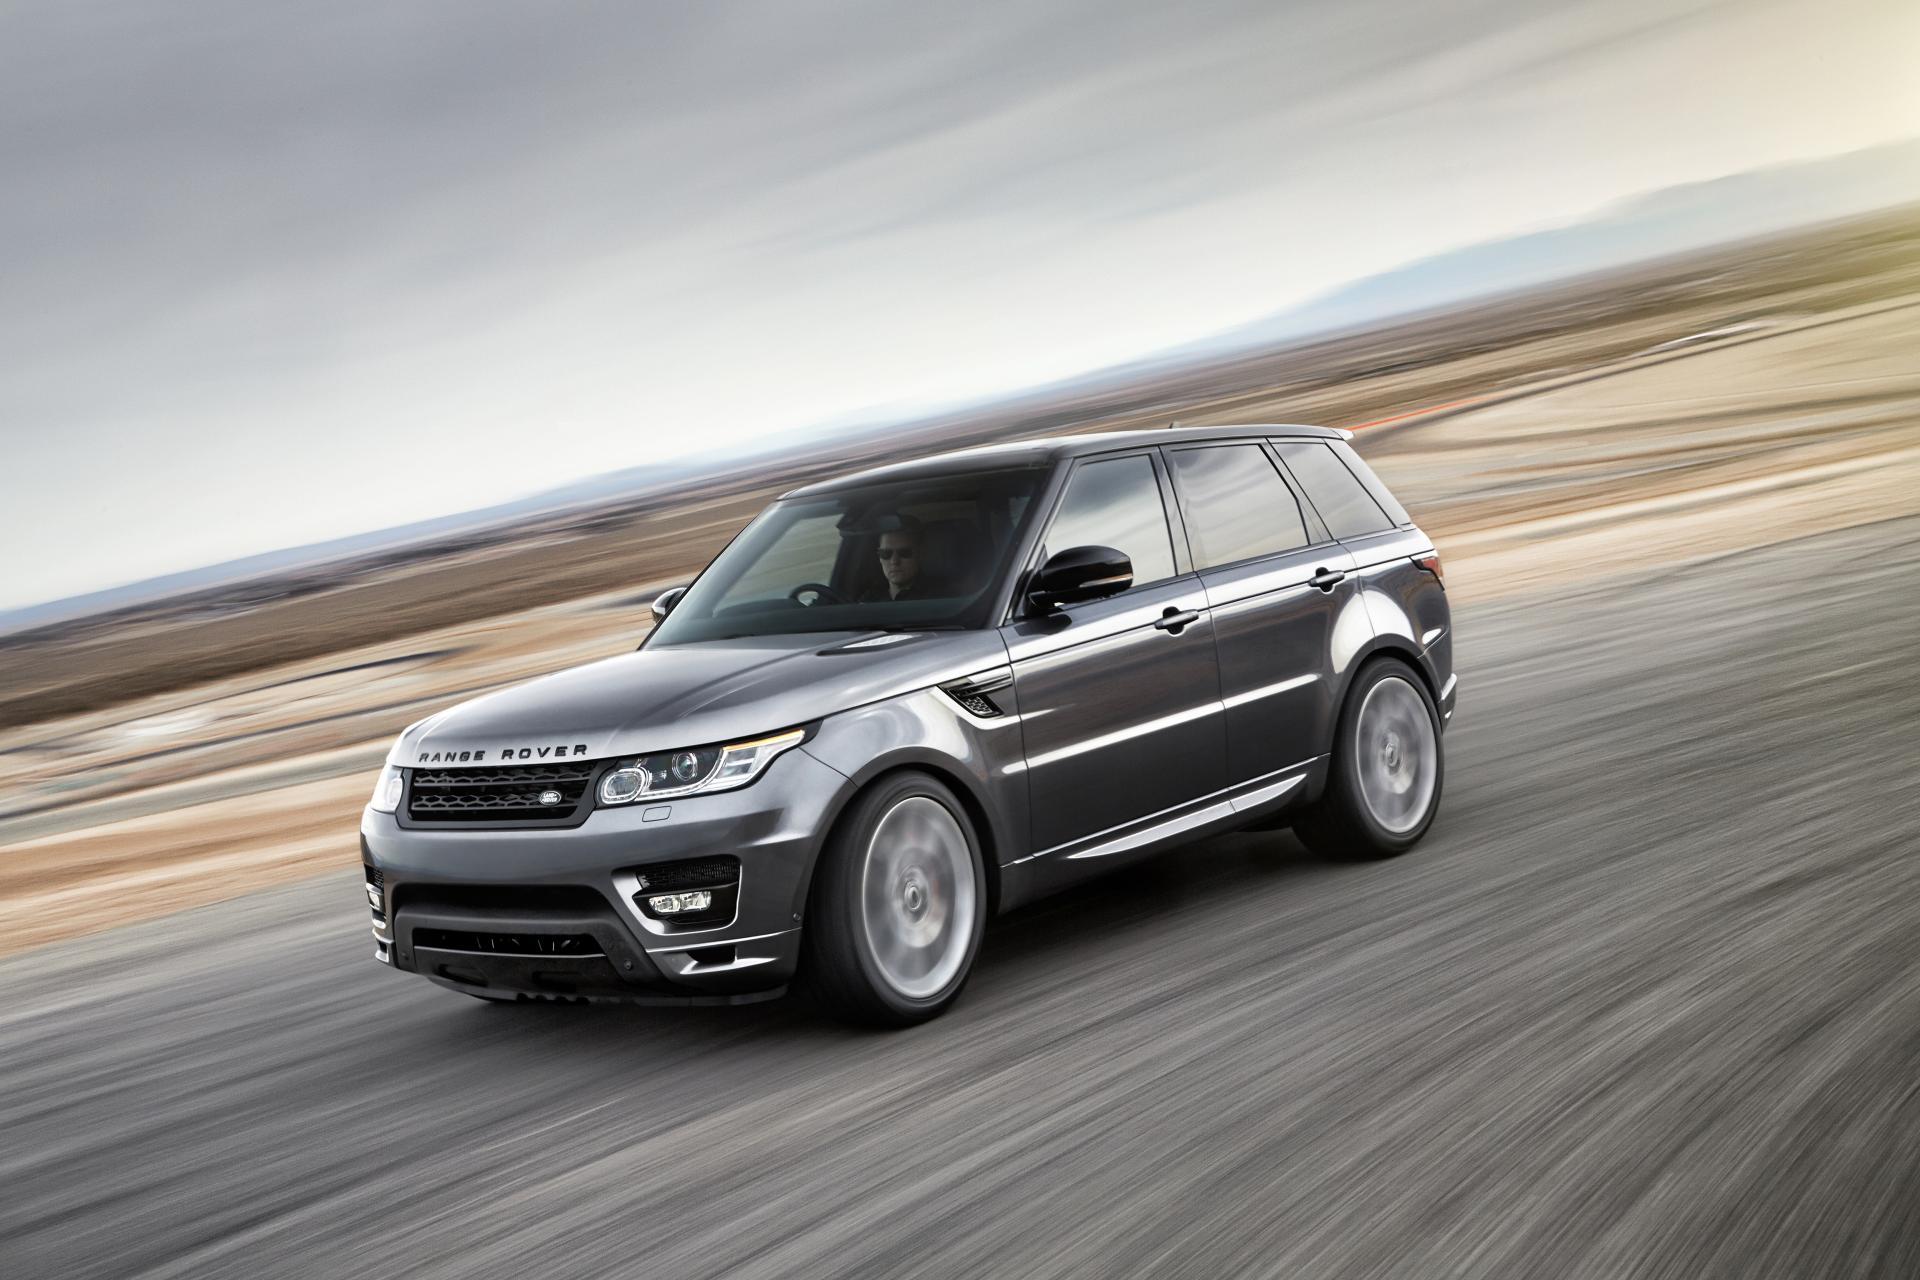 2014 Land Rover Range Rover Sport conceptcarz